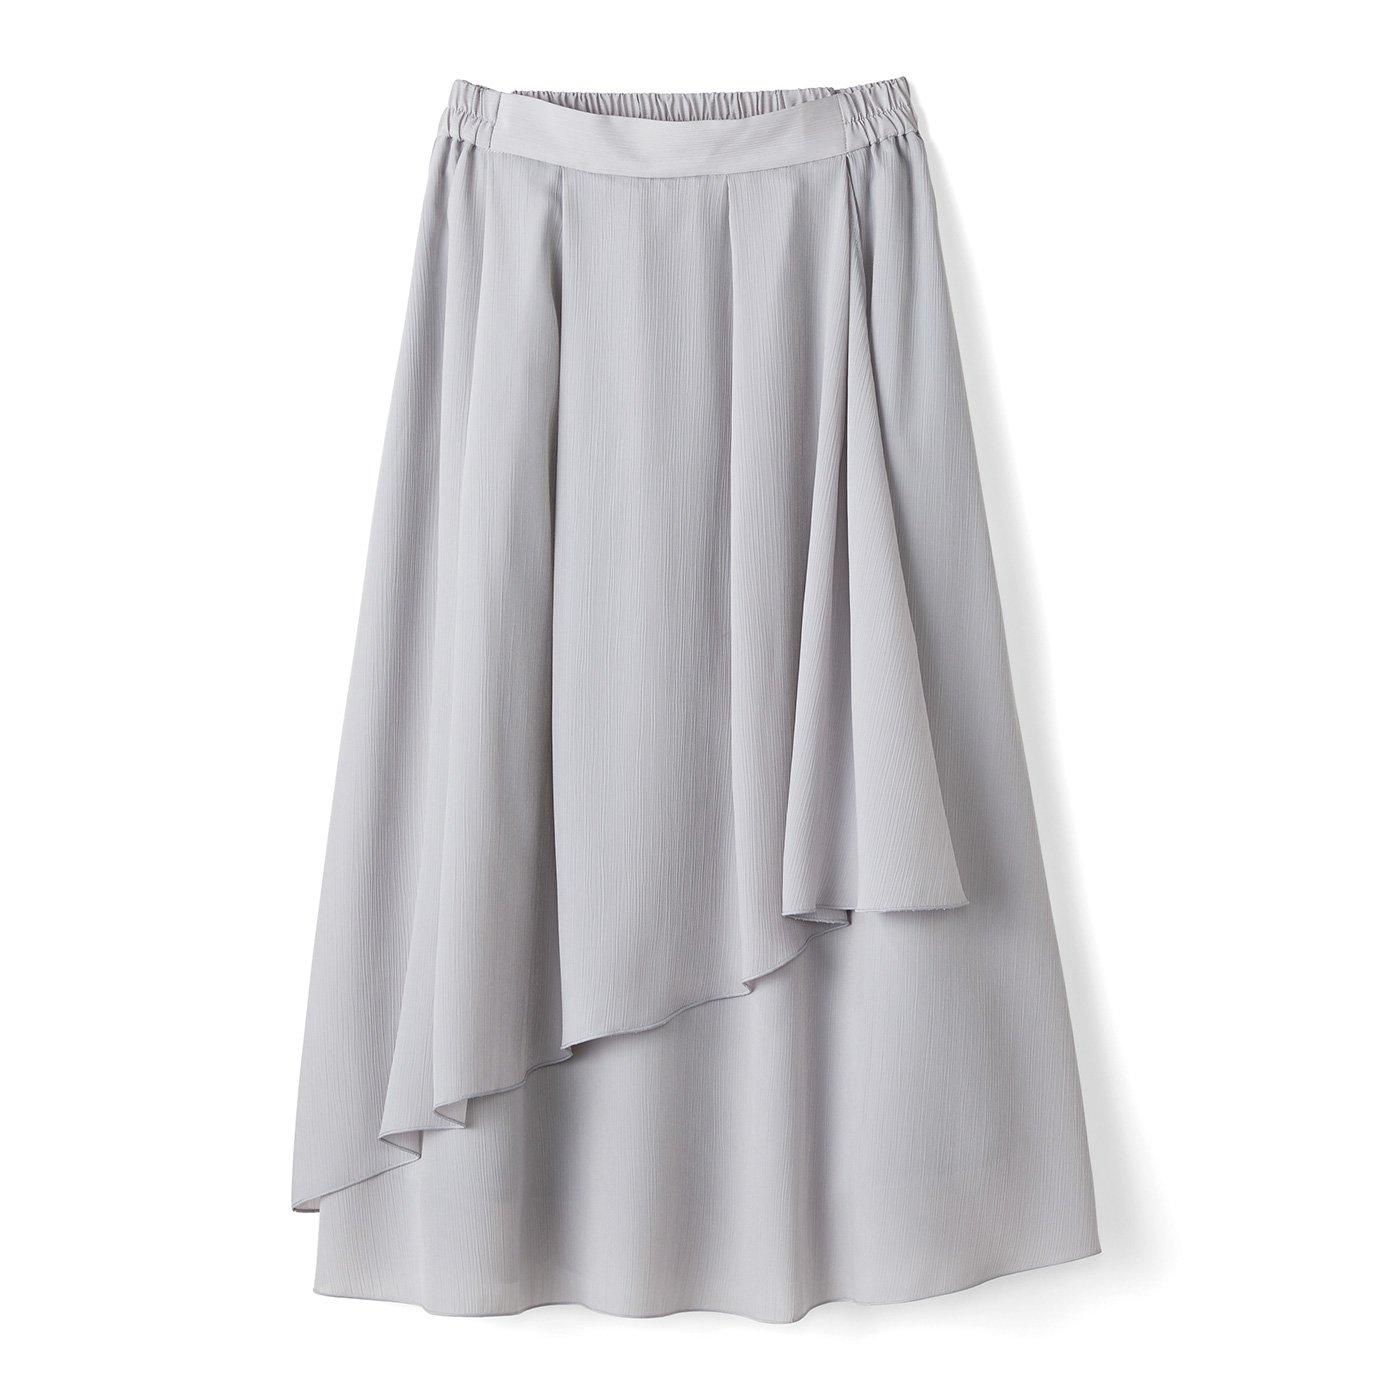 IEDIT[イディット] 動くたびゆらめく 花びらみたいなラップ風スカート〈アイスグレー〉